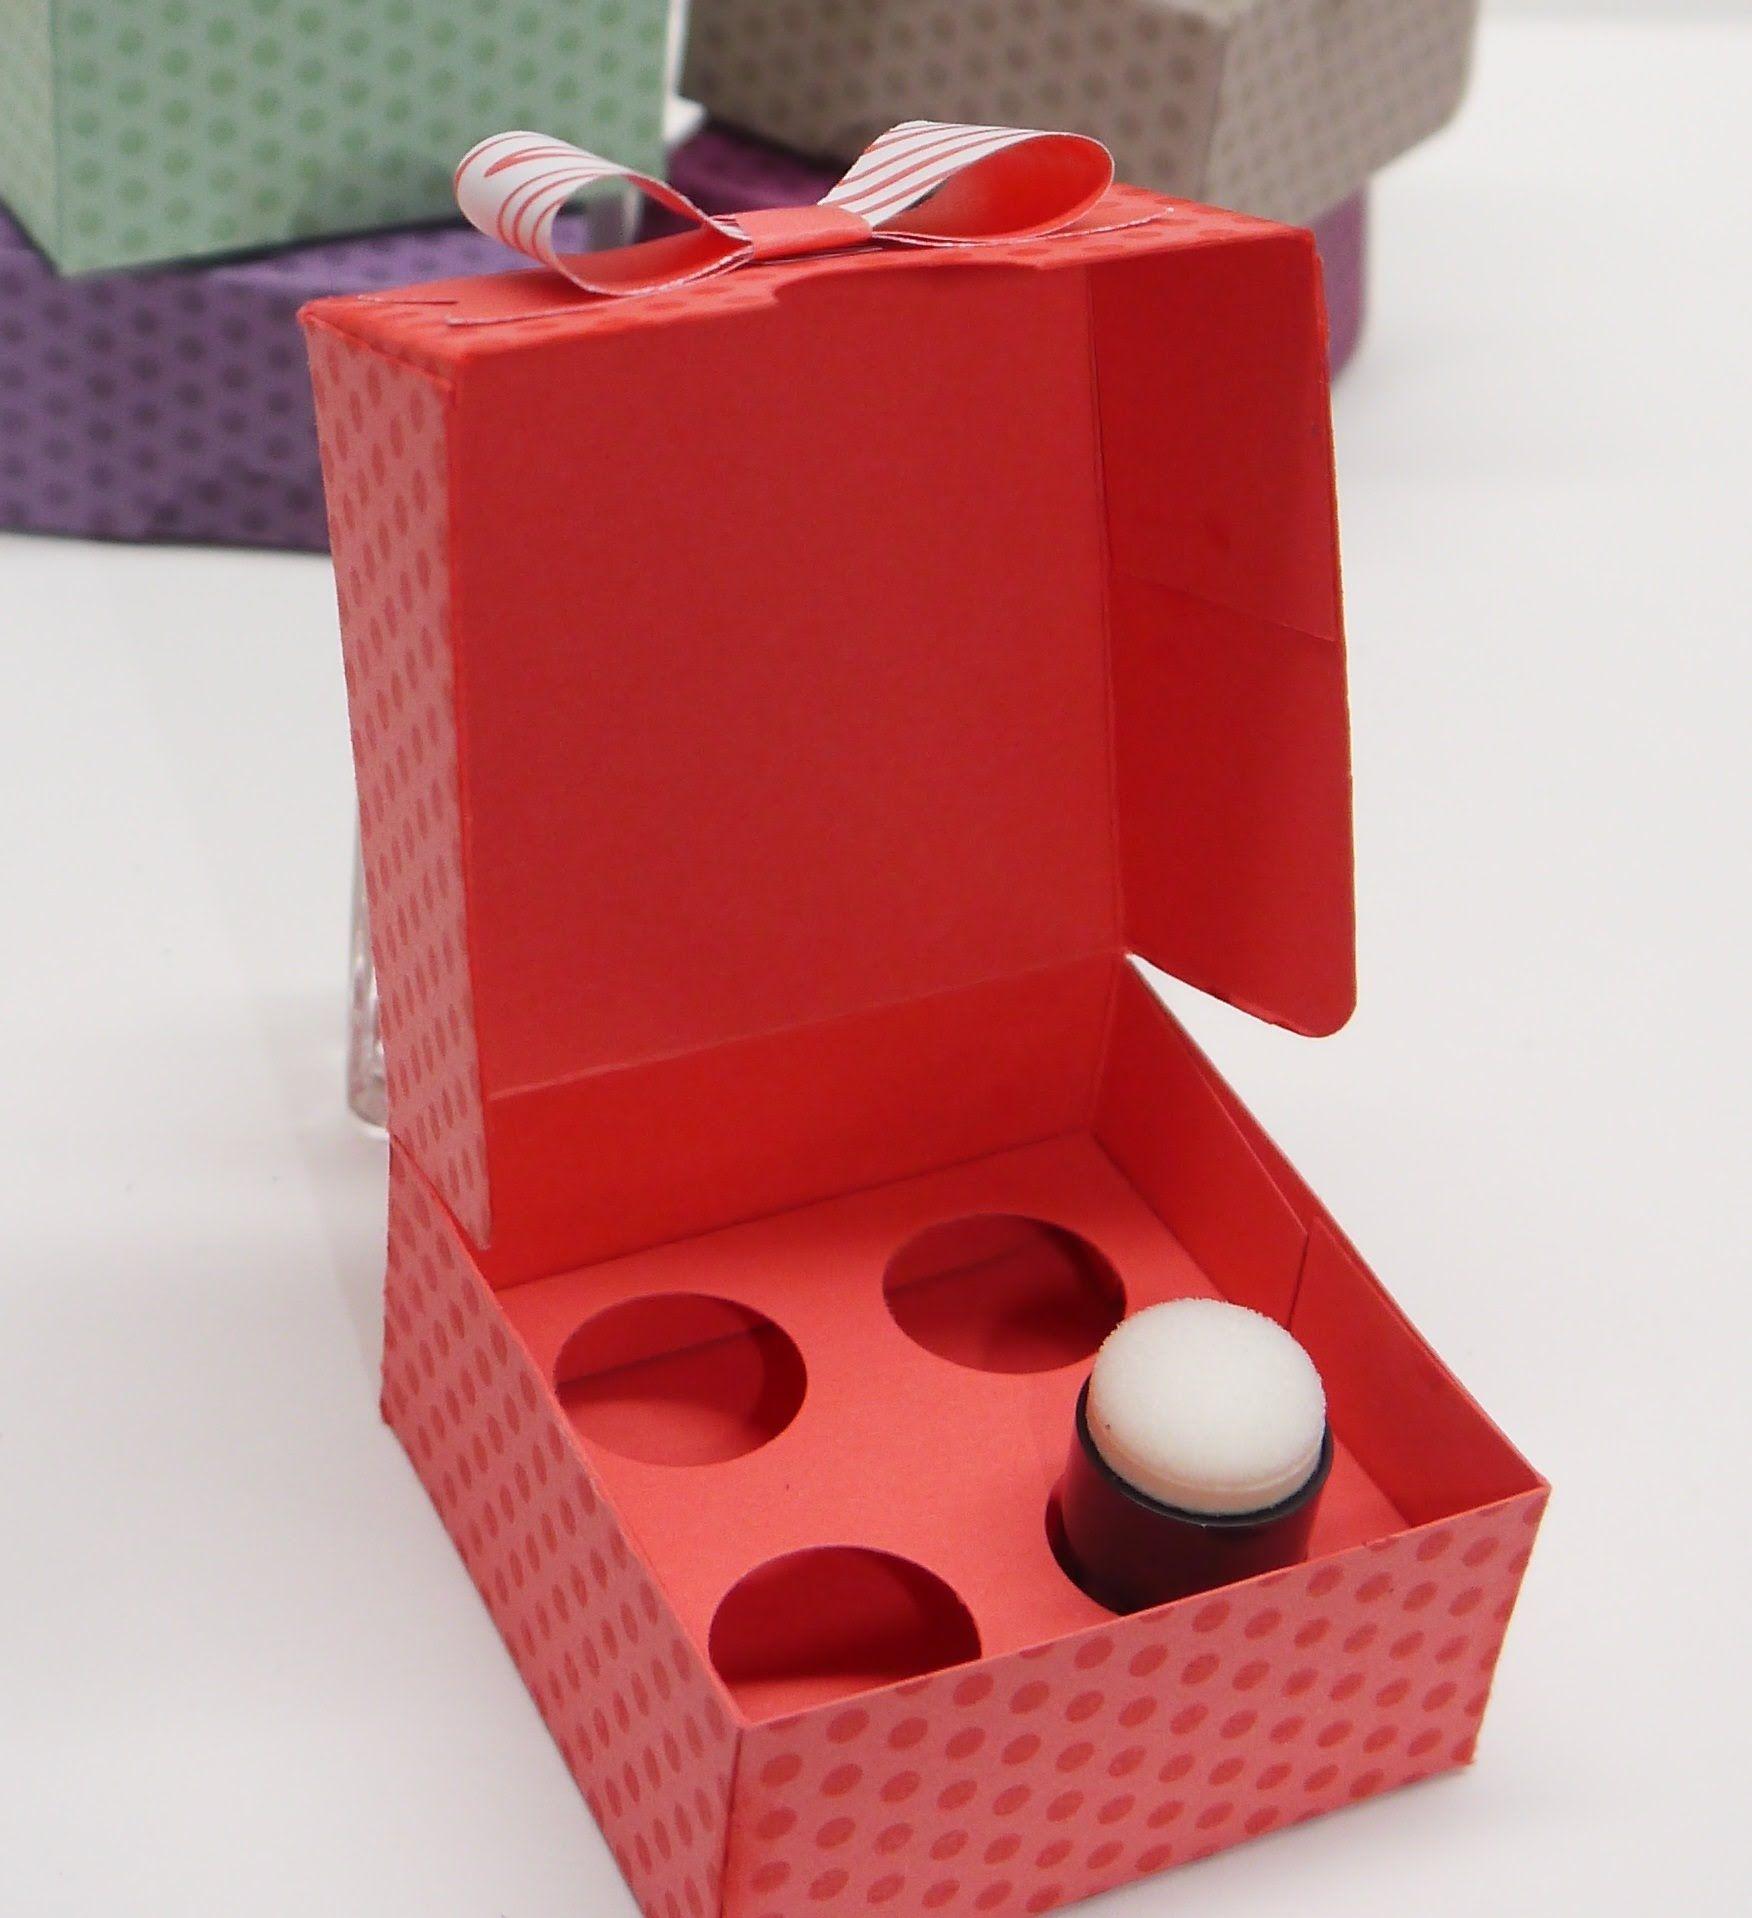 Aufbewahrungsbox f r fingerschw mmchen dauber spong for Aufbewahrungsbox selber machen